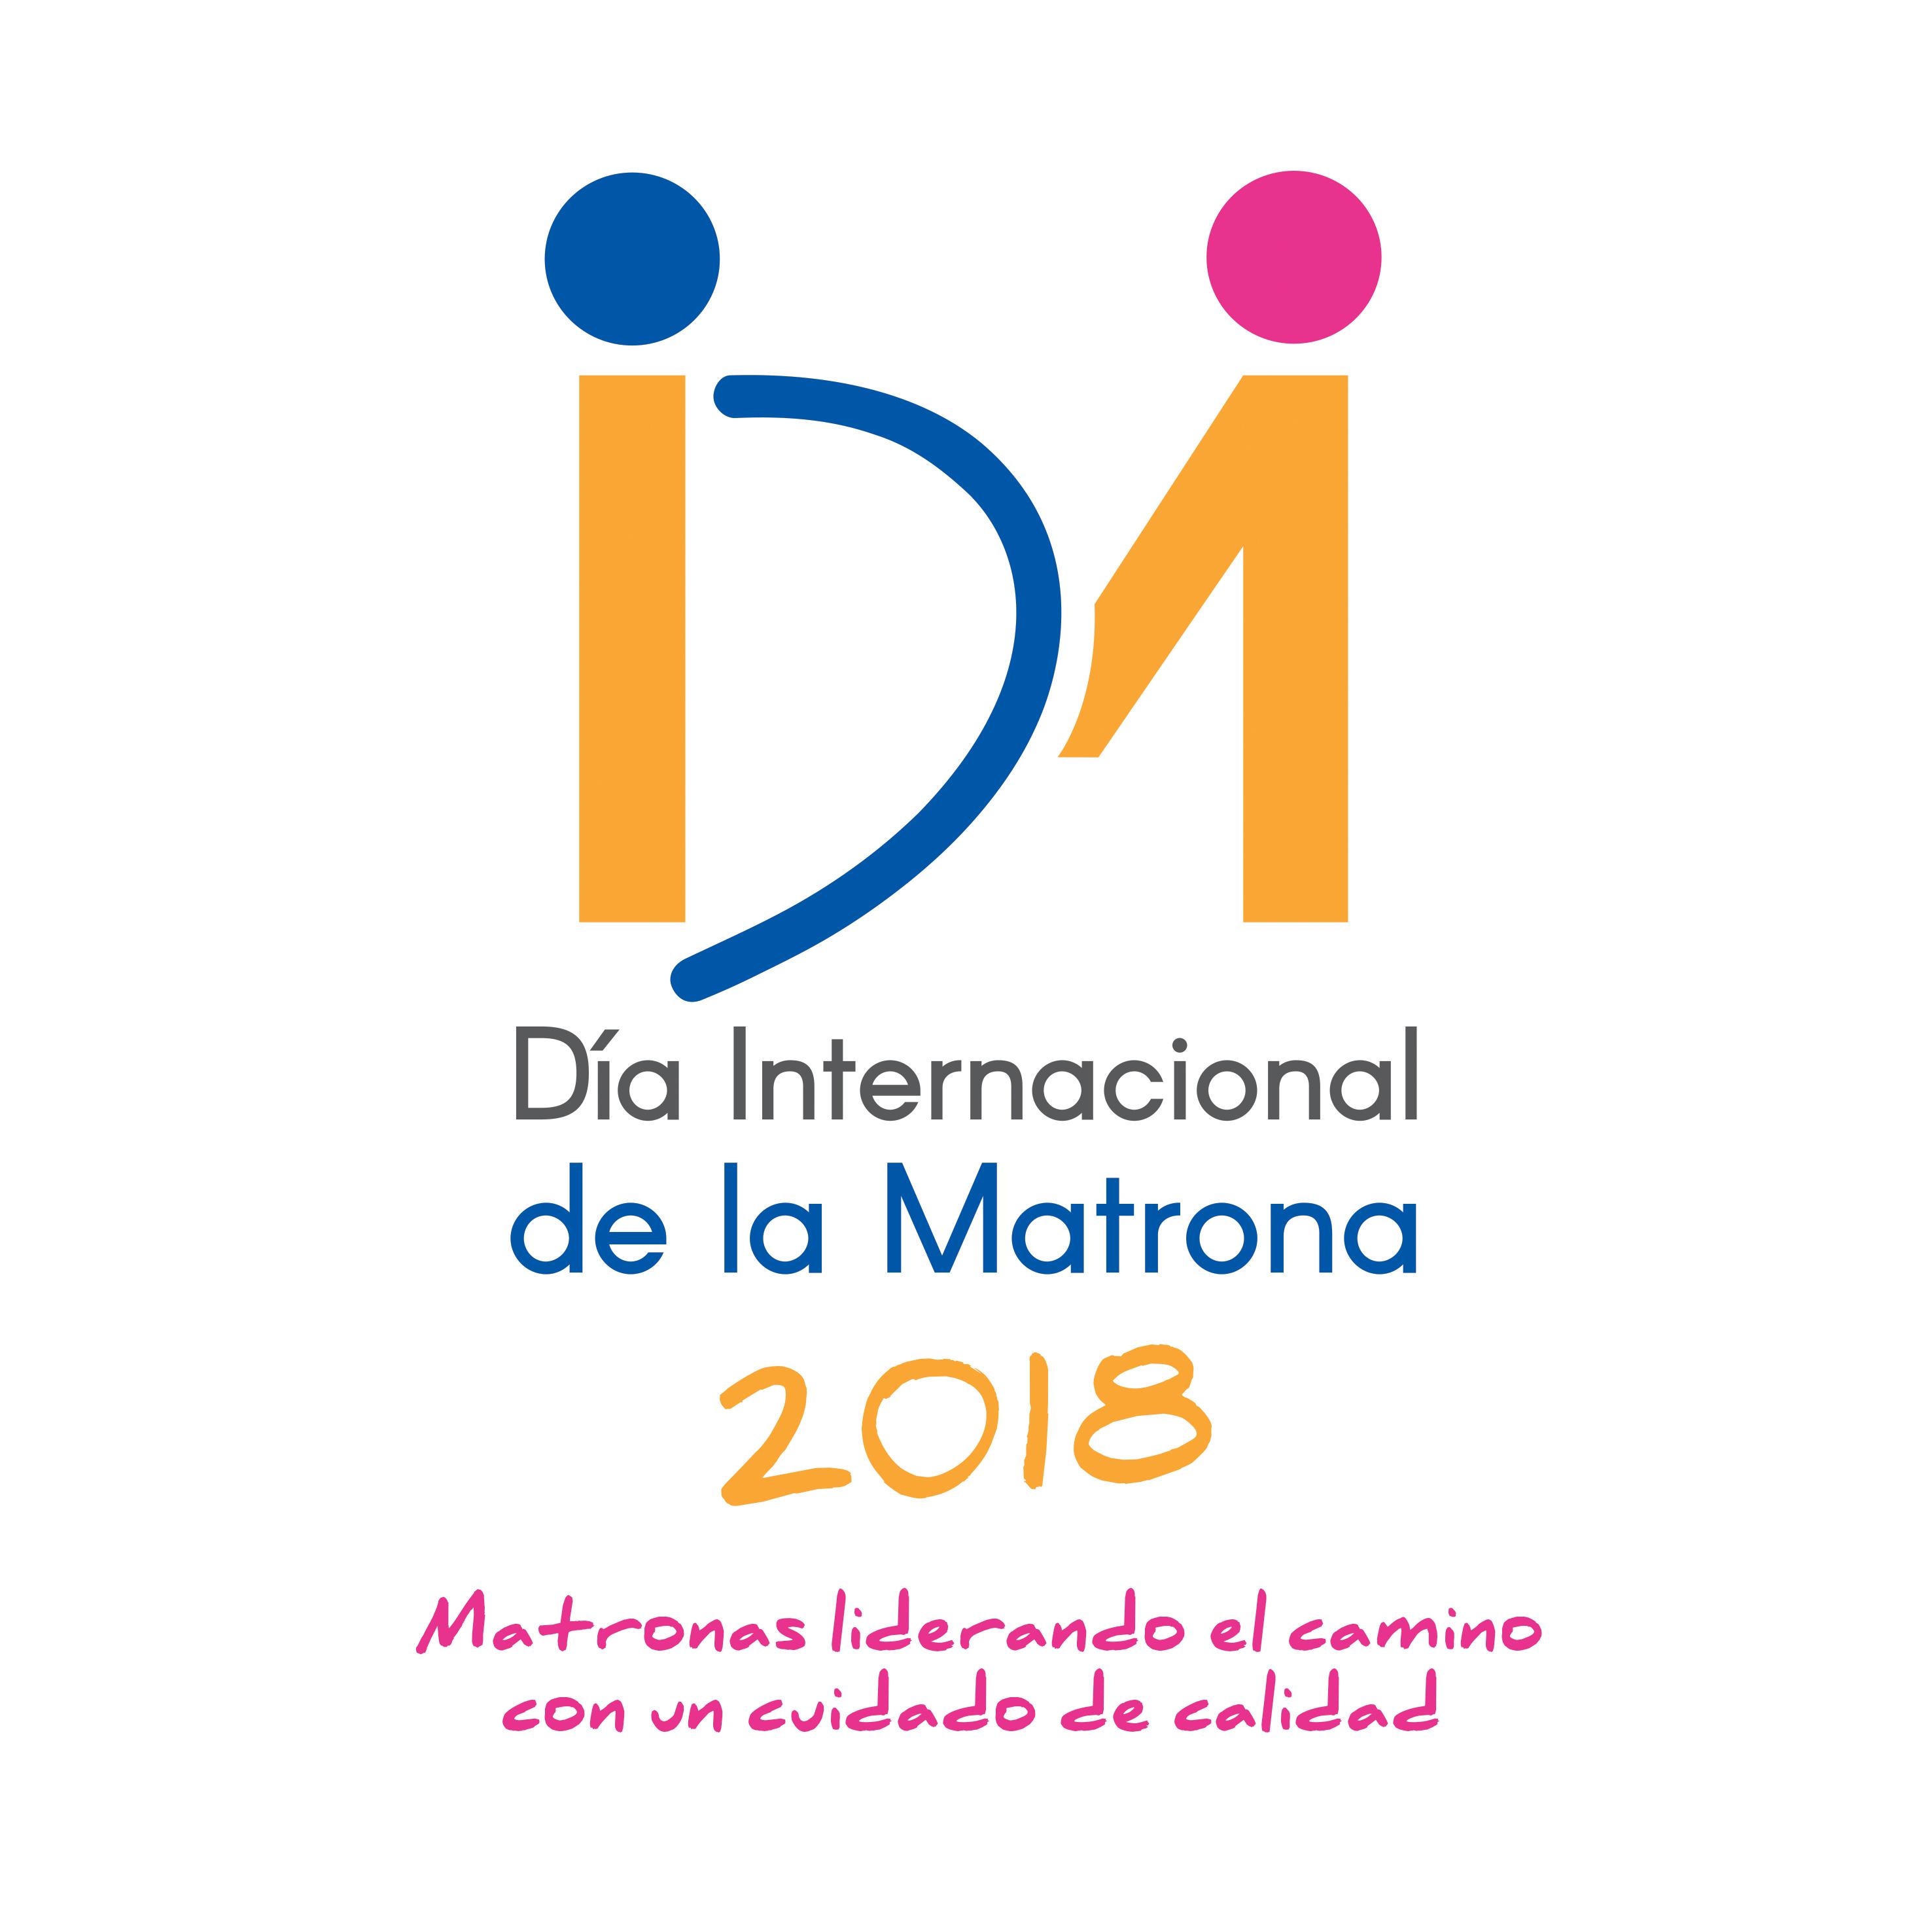 DIA DE LA MATRONA 2018. «Matronas liderando el camino con un cuidado de calidad».